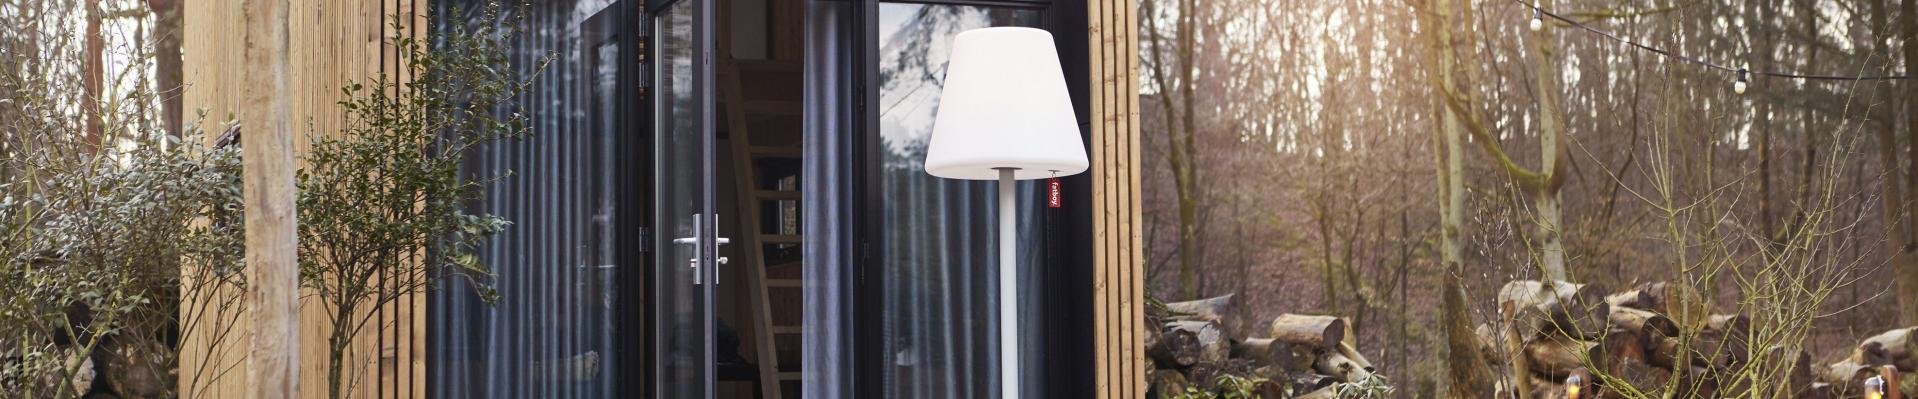 Buitenvloerlampen